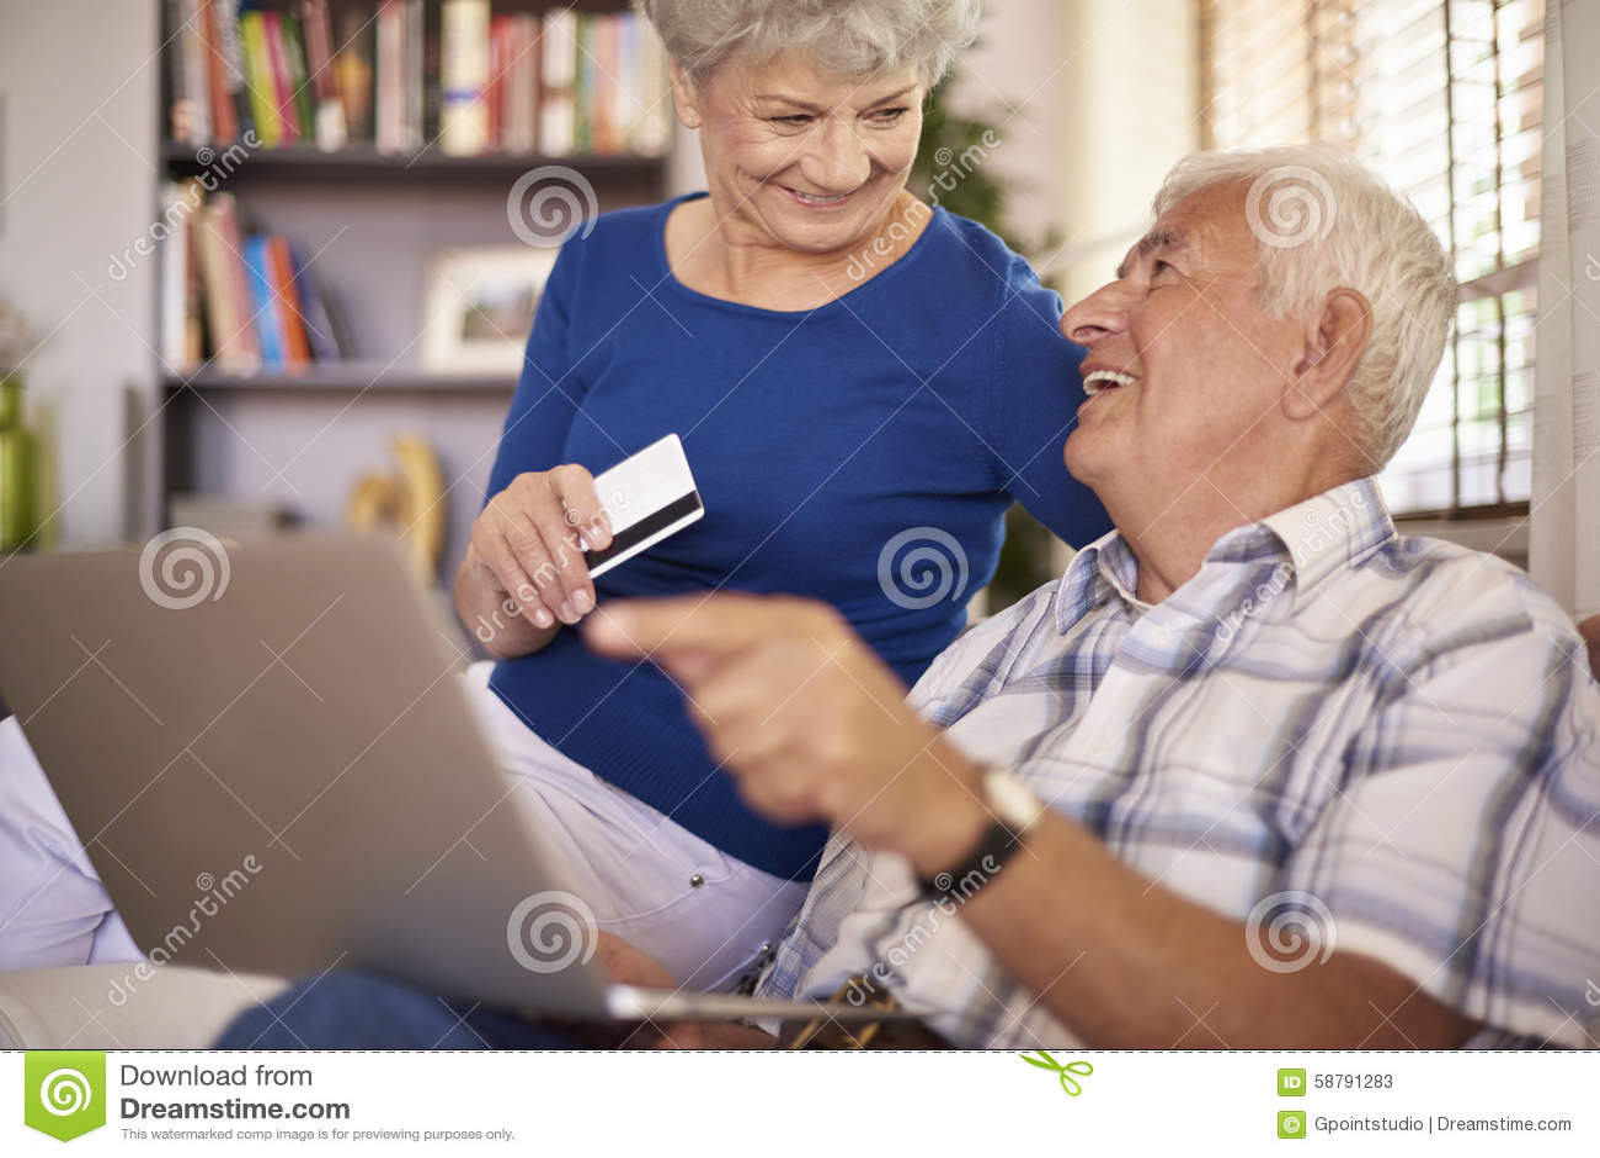 Dof ręce karty ogniska płytki zakupy online bardzo